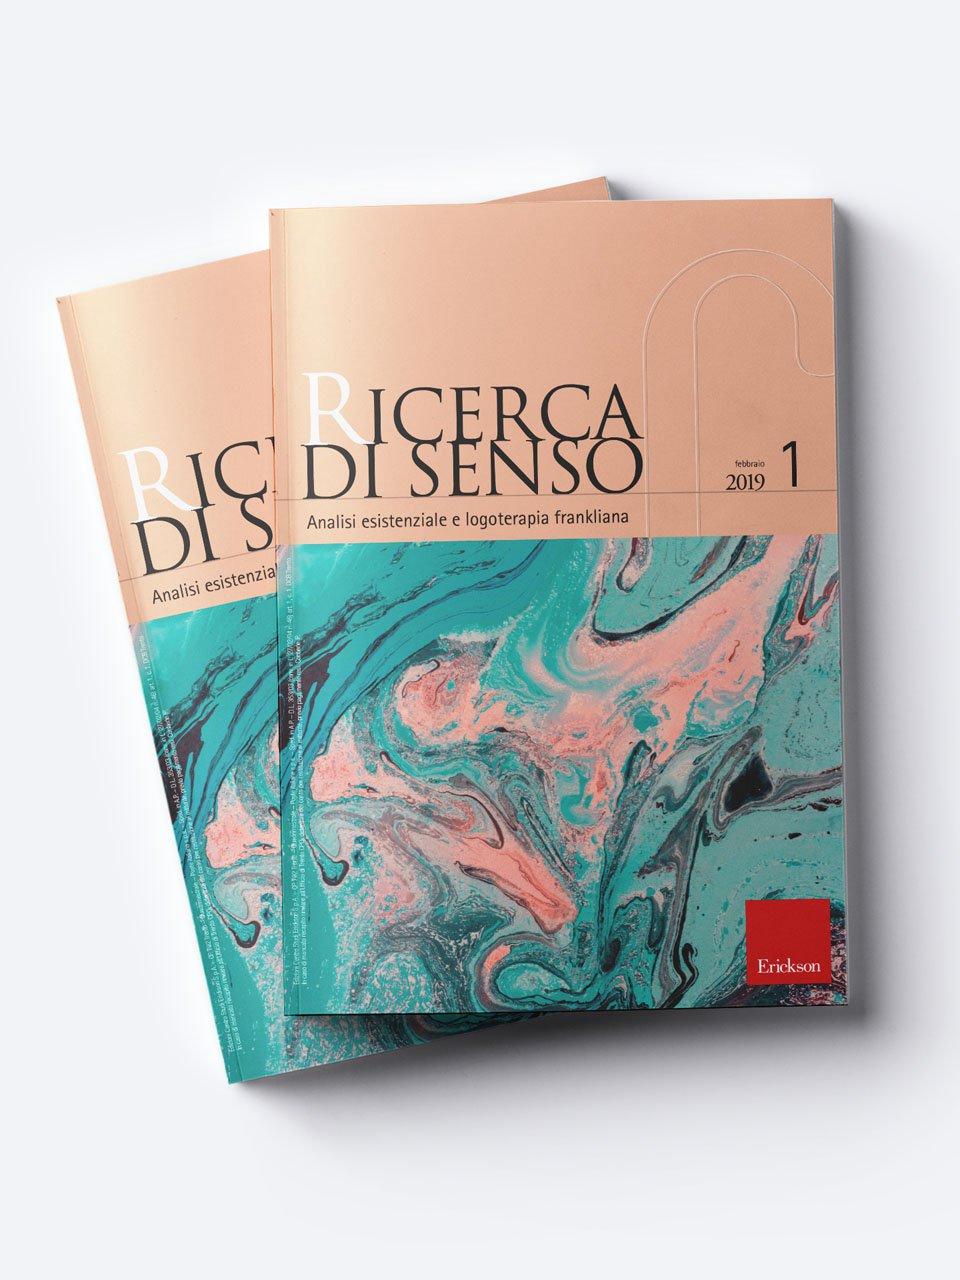 Ricerca di senso - Motricità consapevole e riabilitazione logopedica - Libri - Erickson